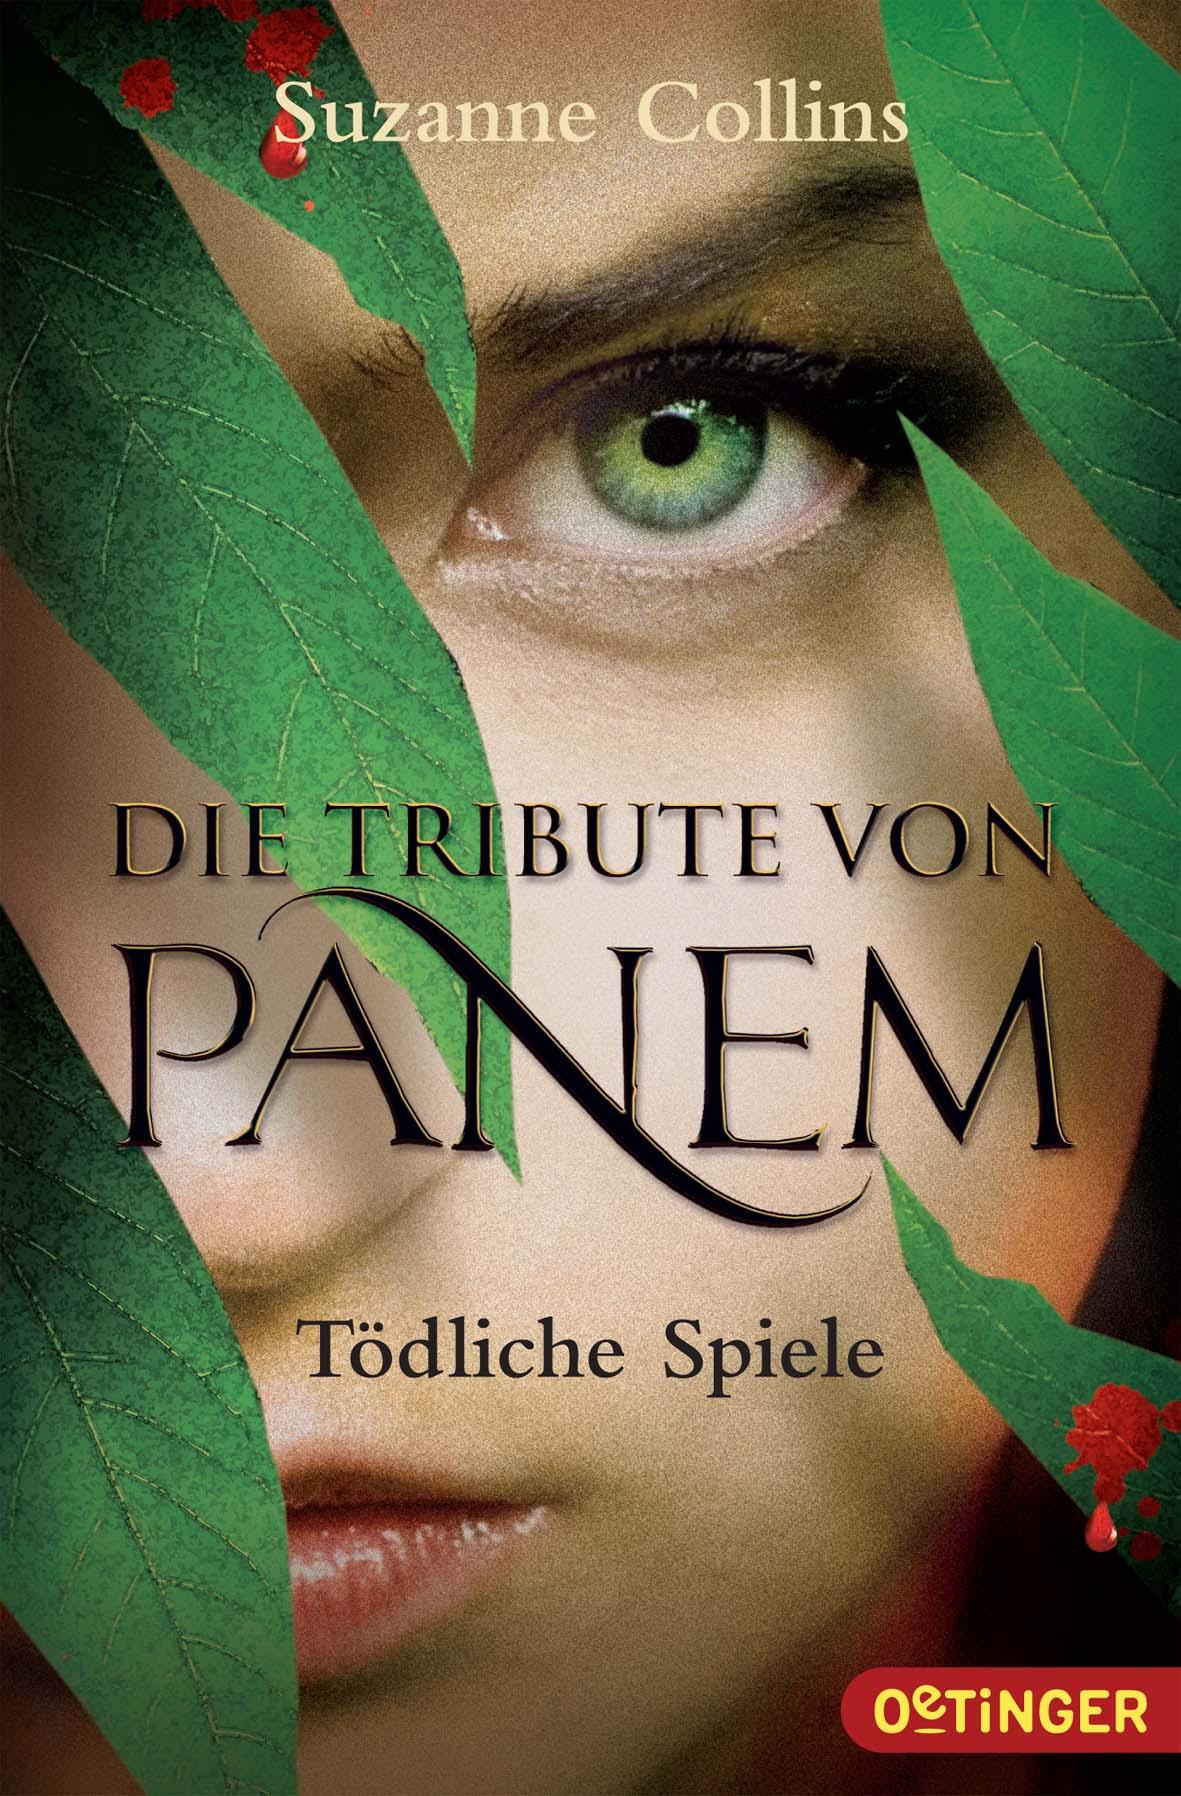 http://zeilenkino.de/wp-content/uploads/2012/08/collins_die-tribute-von-panem_band-1_otb.jpg